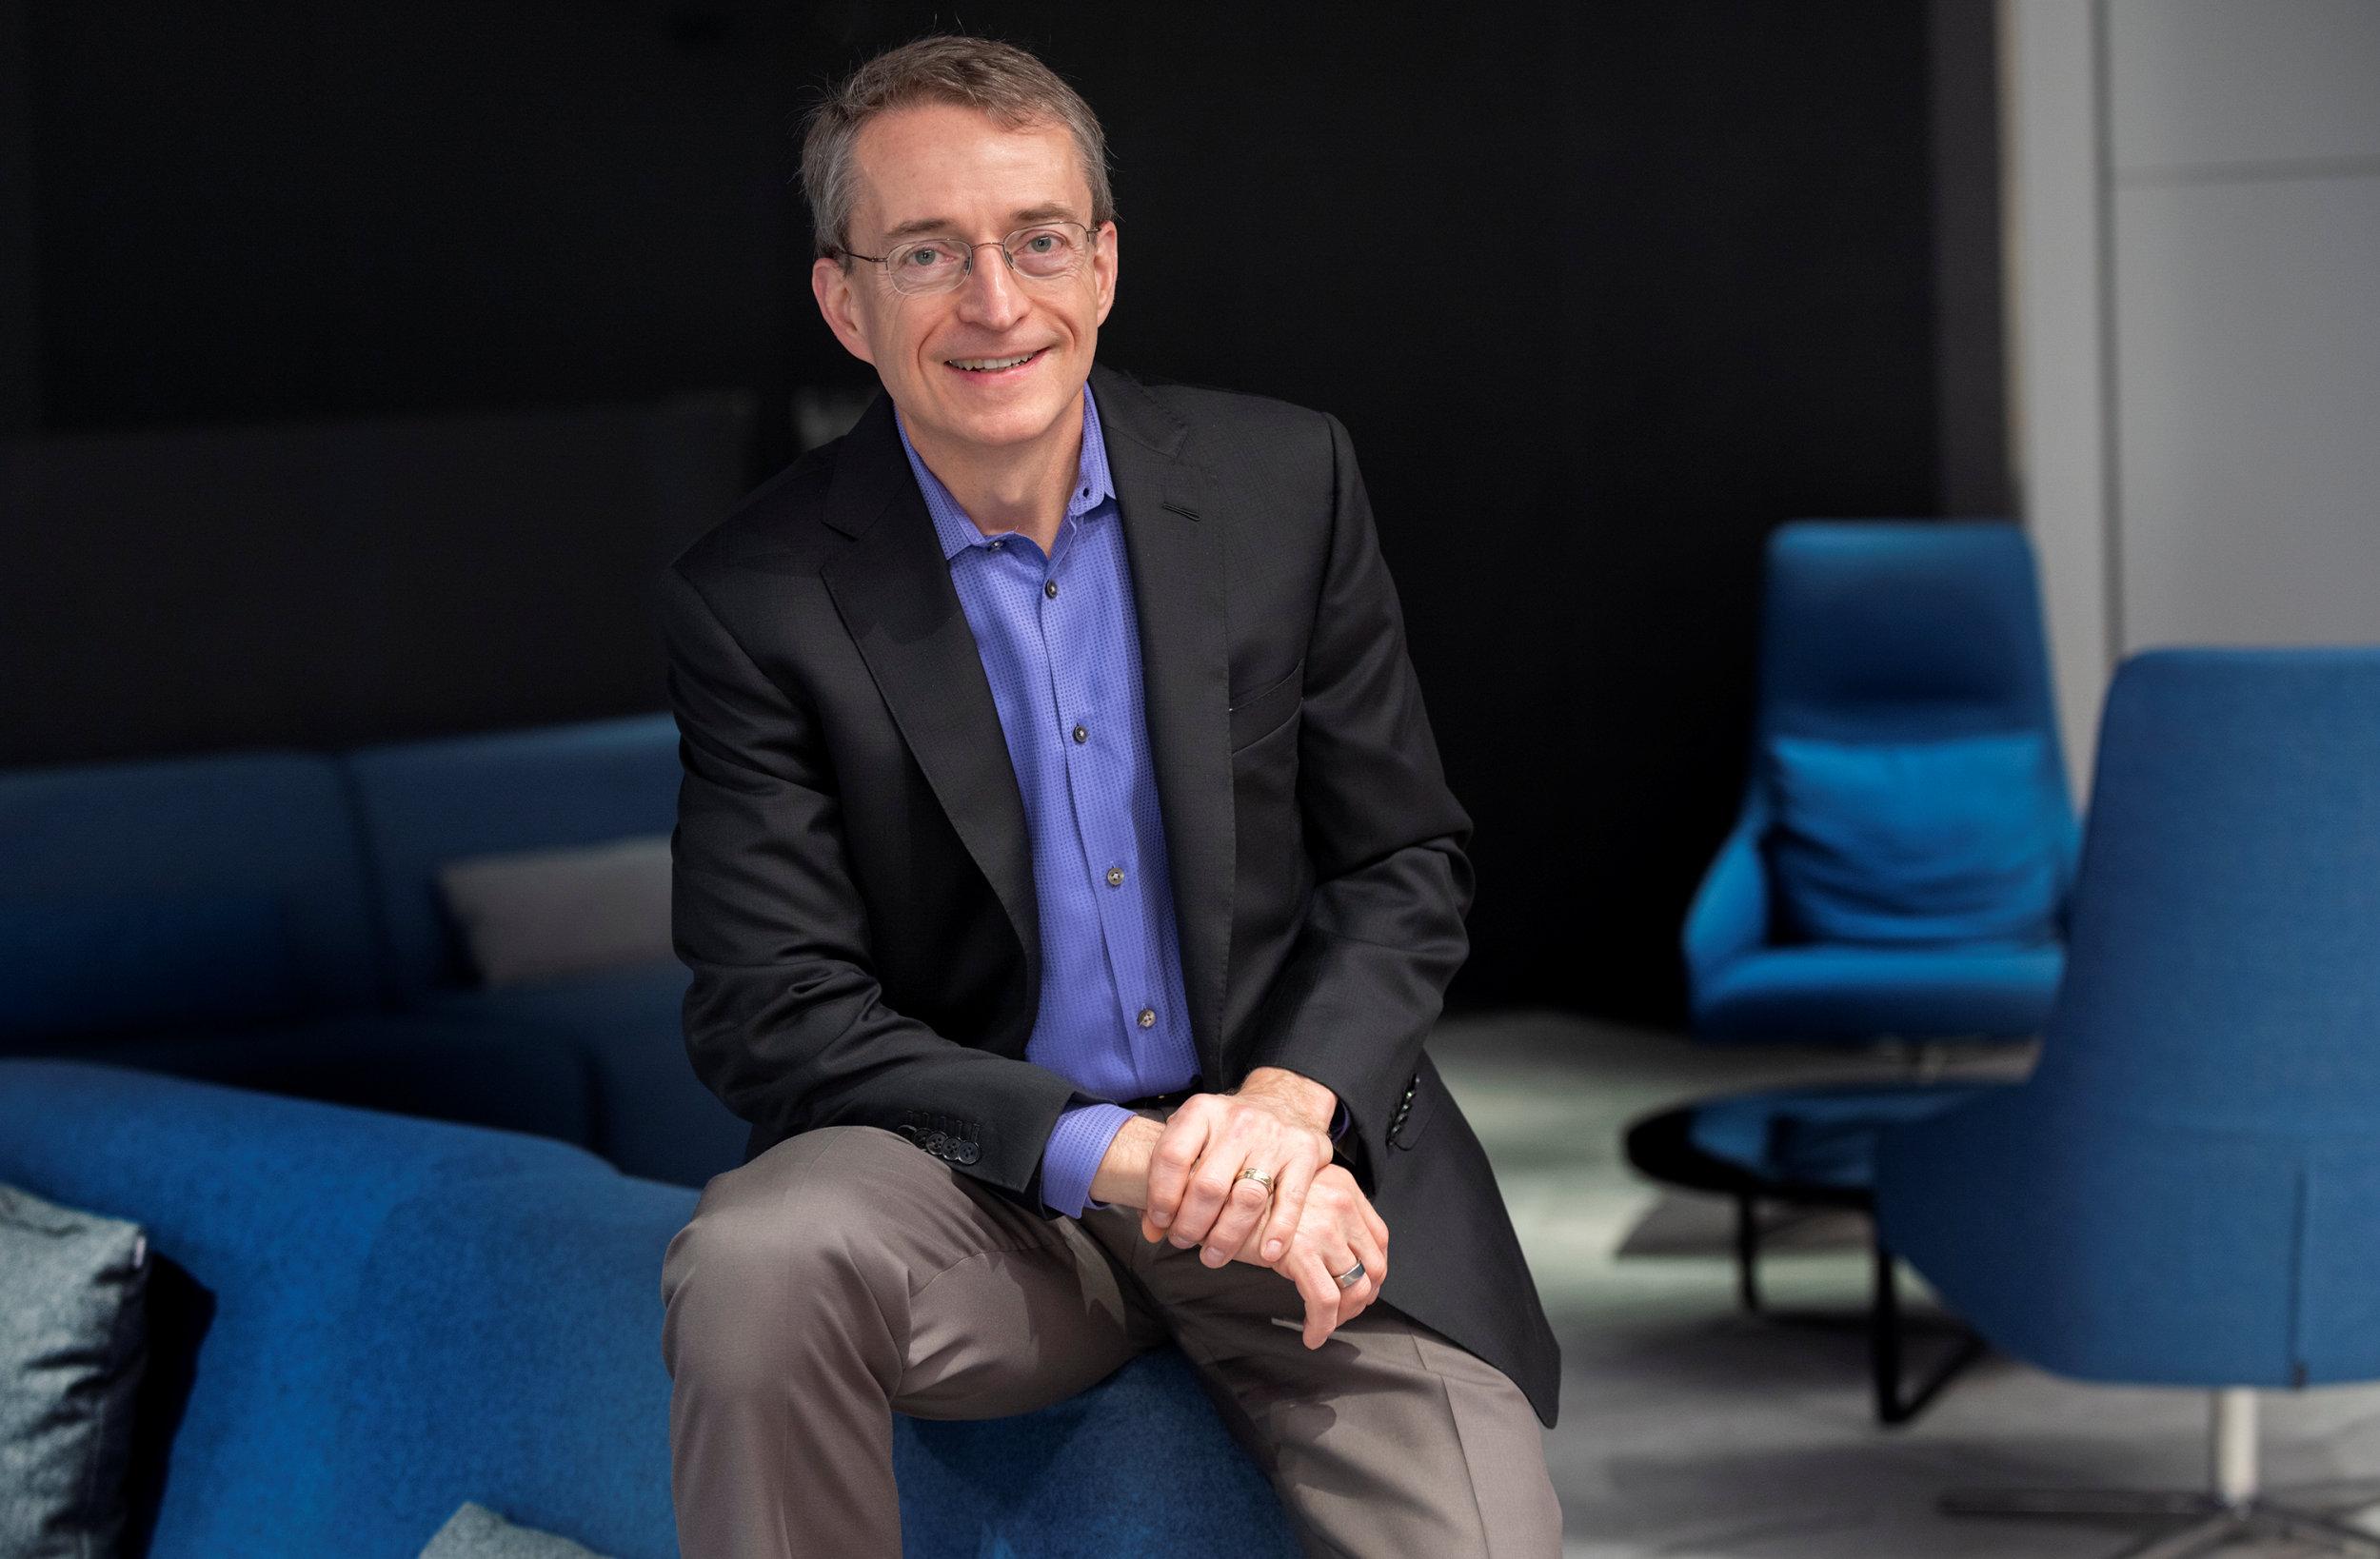 Пэт Гелсинджер официально стал новым генеральным директором Intel